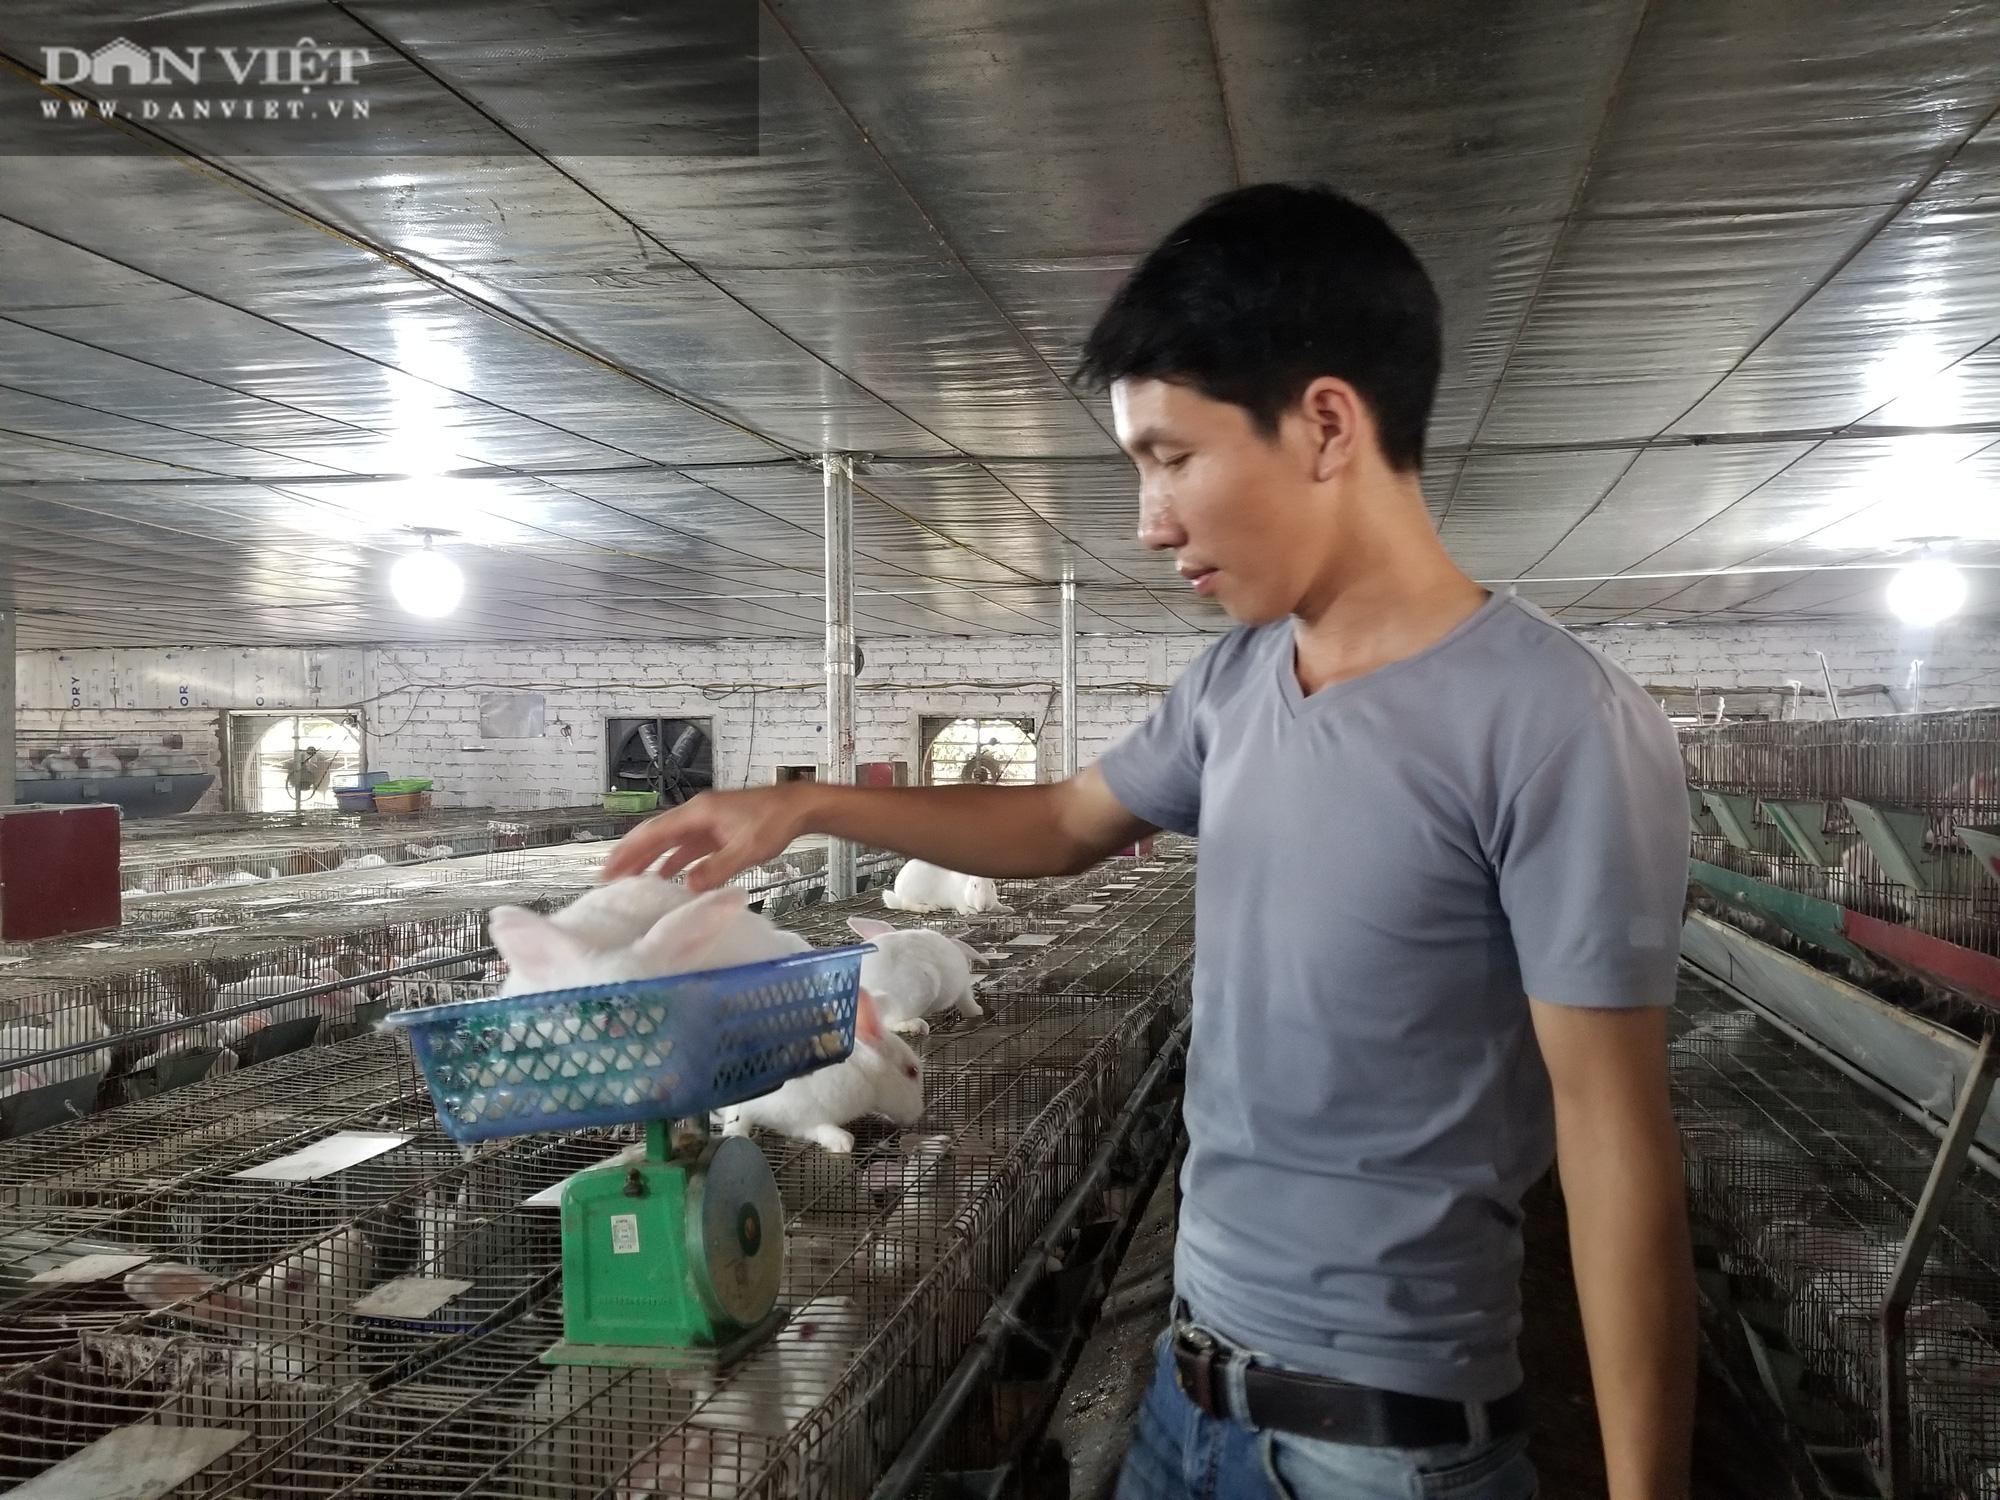 """Lạng Sơn: Vì sao 1 cử nhân Đại học Điện lực lại được bình chọn là """"Nông dân Việt Nam xuất sắc"""" năm 2020? - Ảnh 7."""